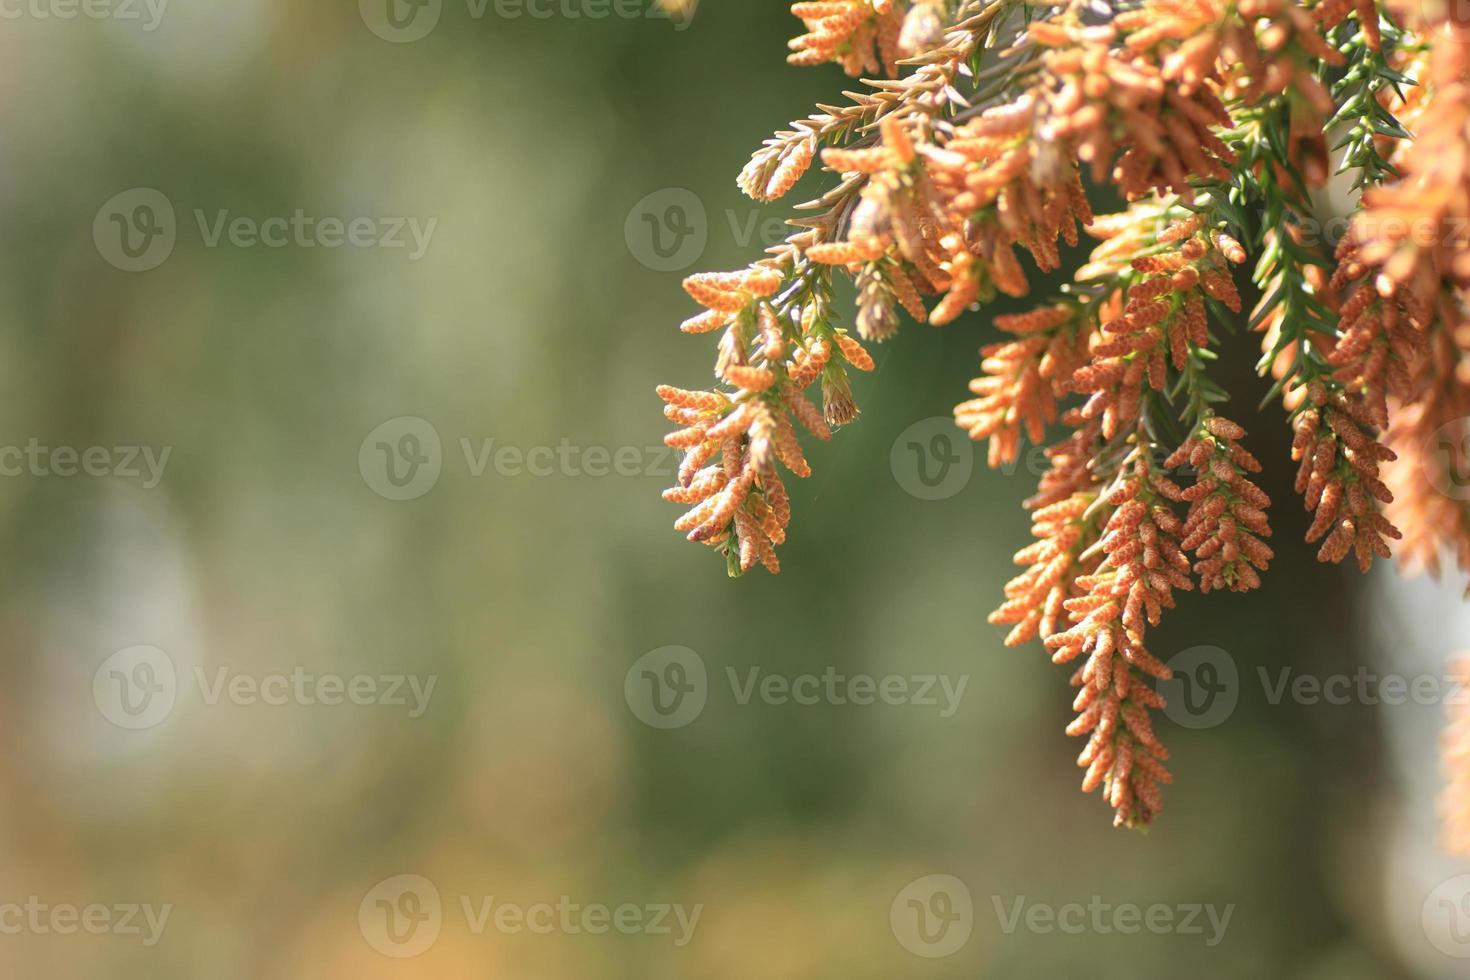 allergie au pollen de cèdre photo